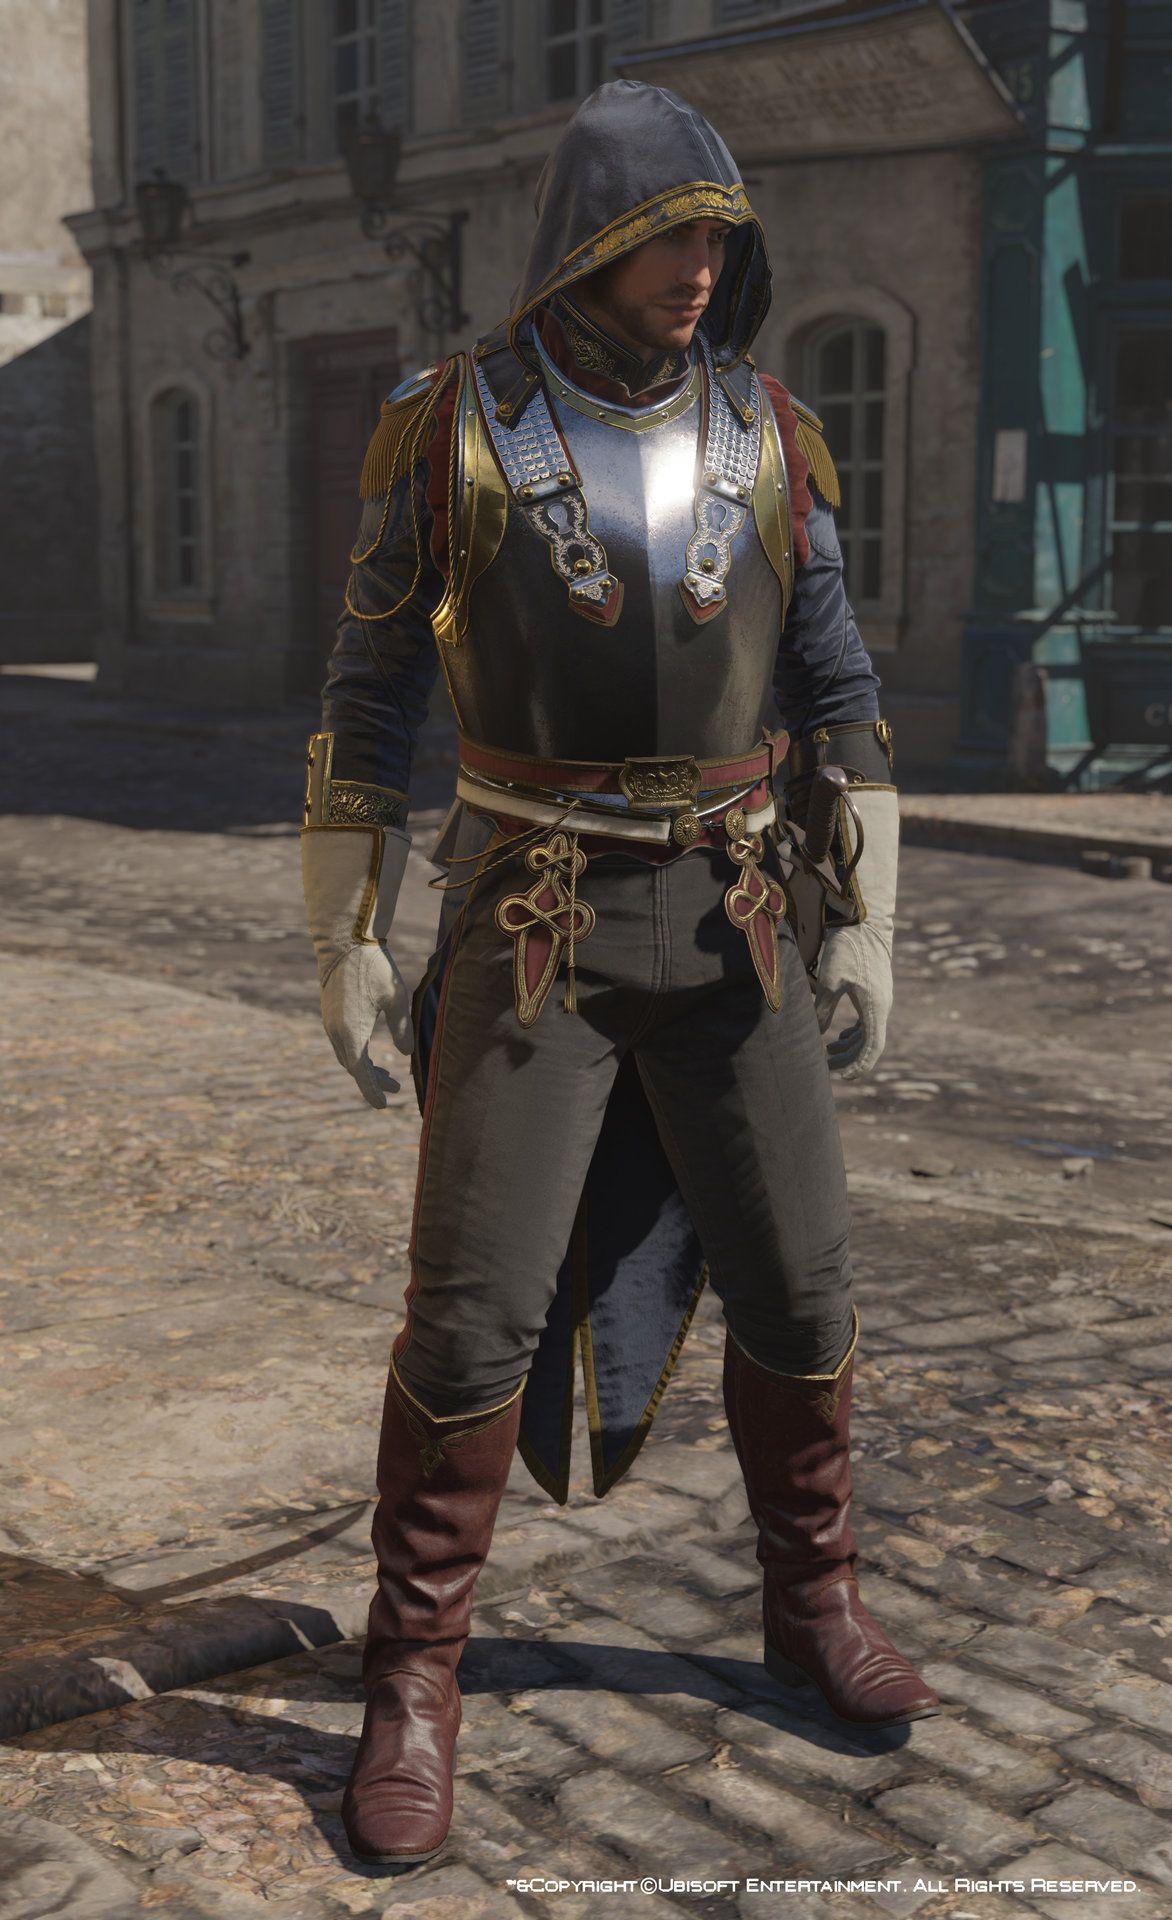 Http Www Artstation Com Artwork Assassin S Creed Unity Avatar